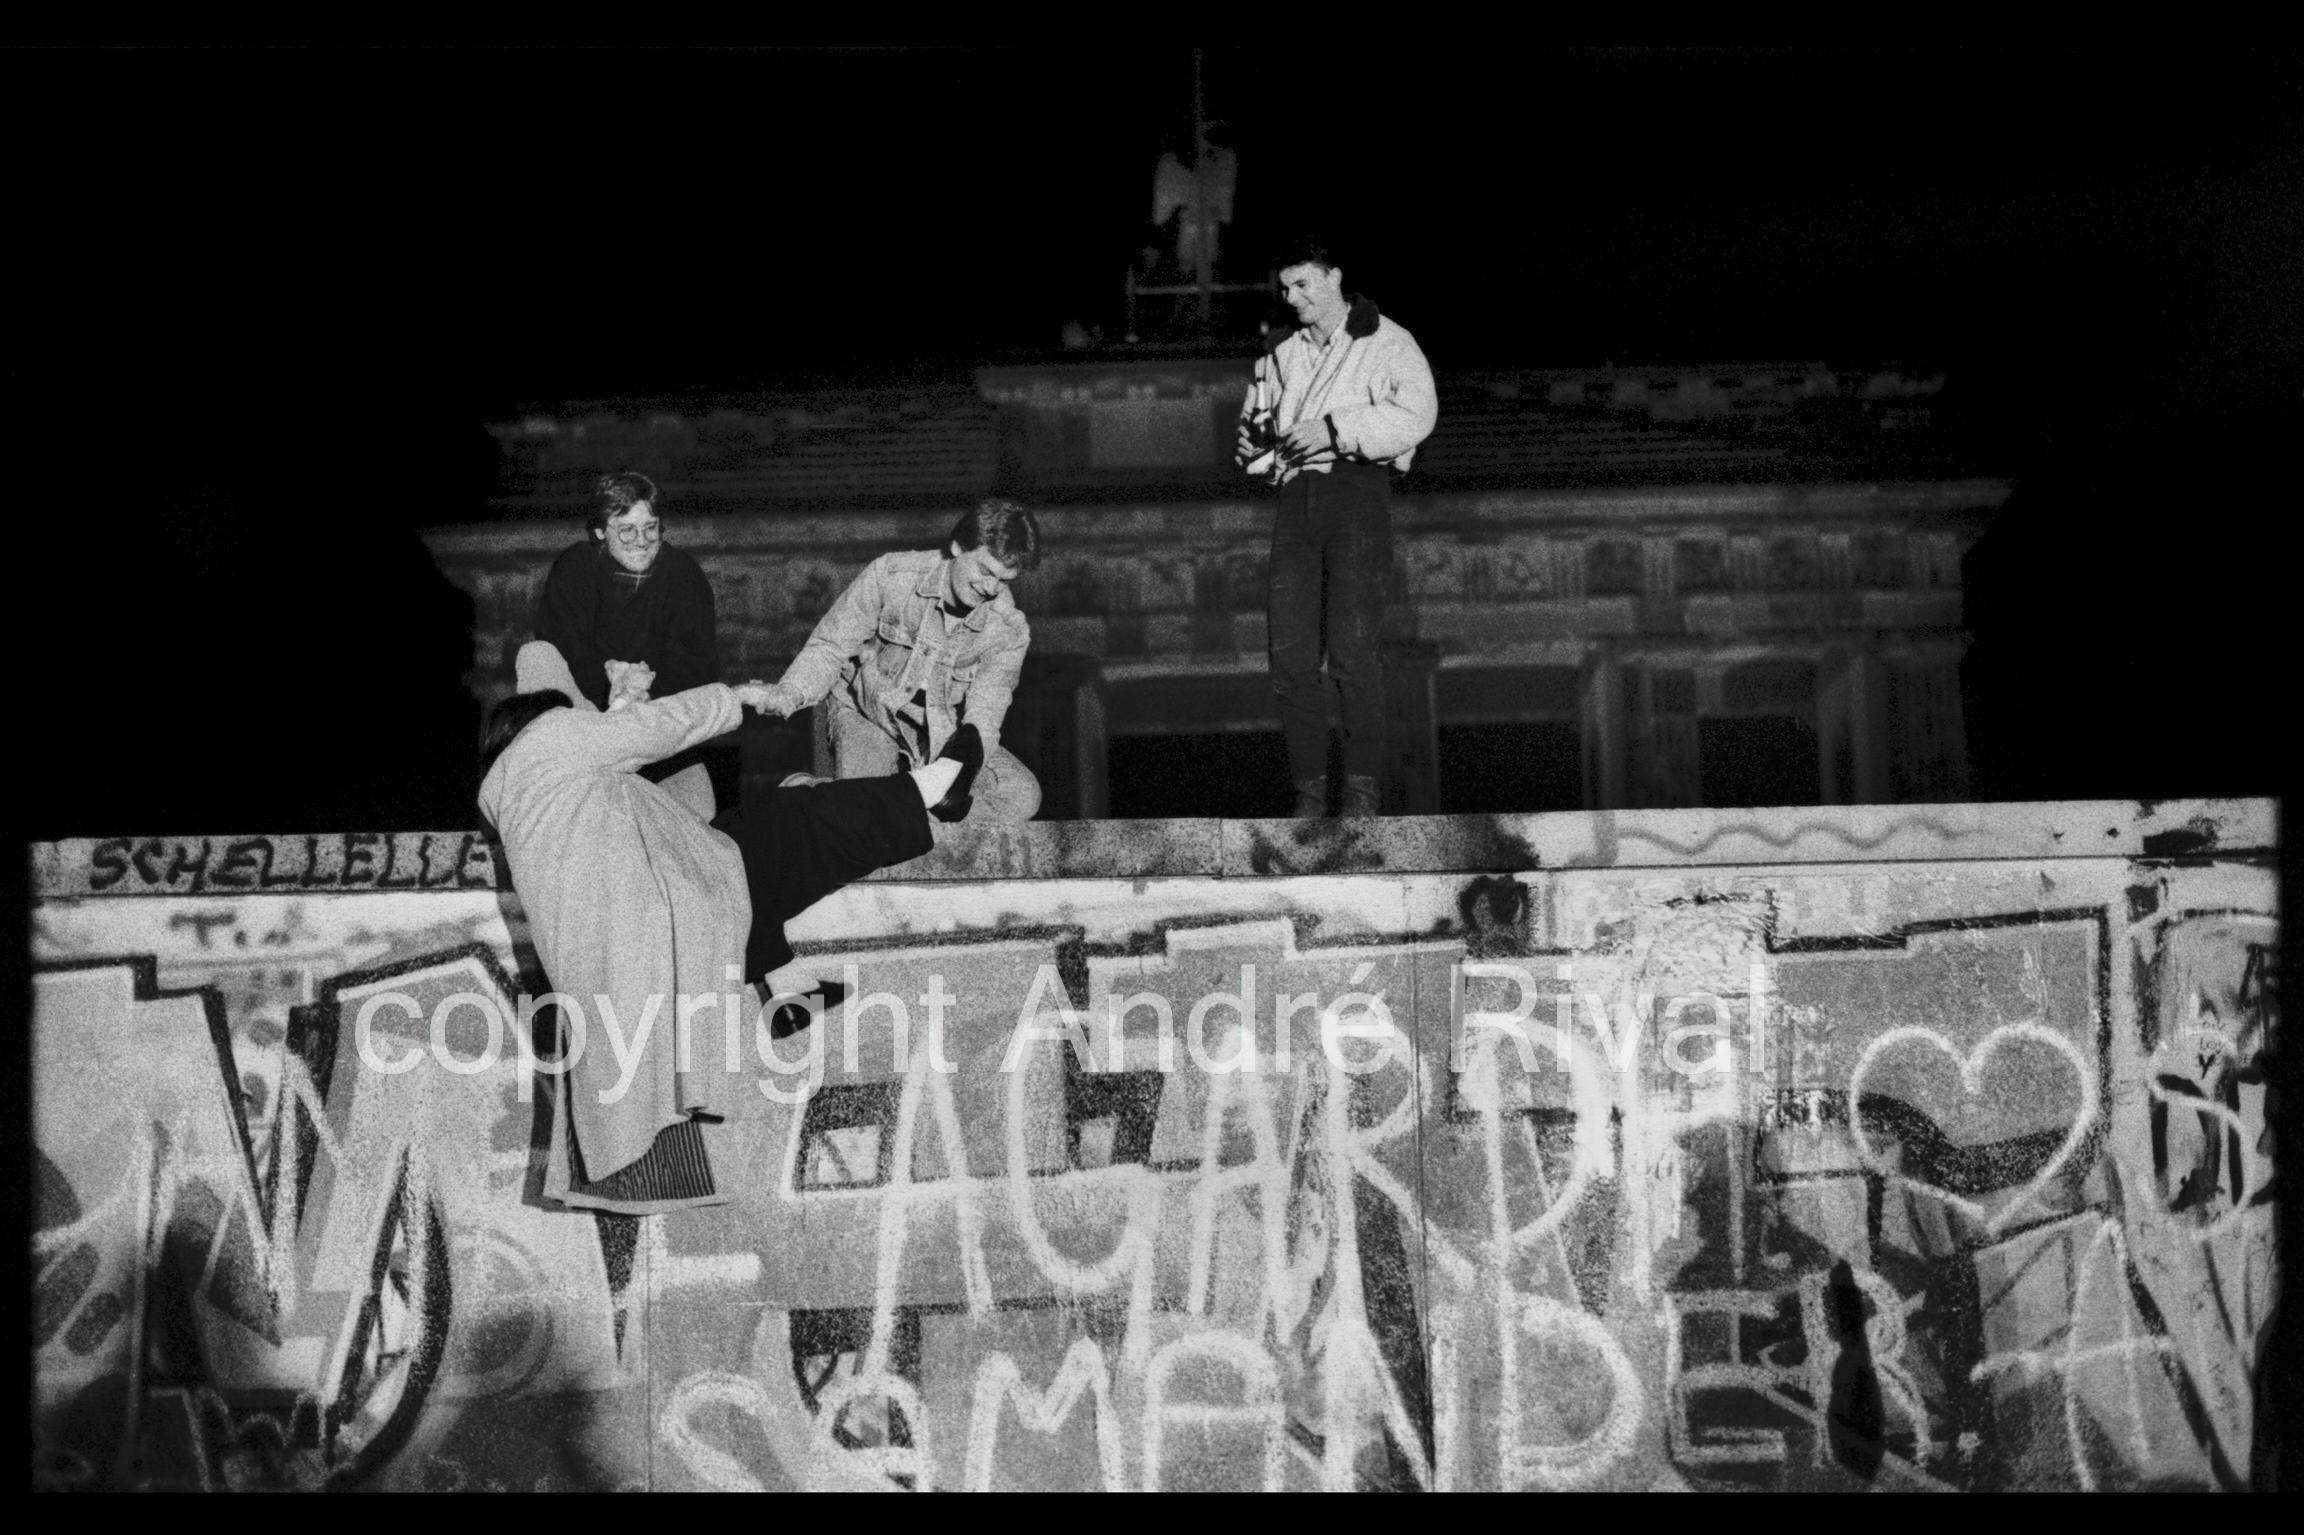 berlin, 9 november1989 am brandenburgertor gegen 20,00 uhr